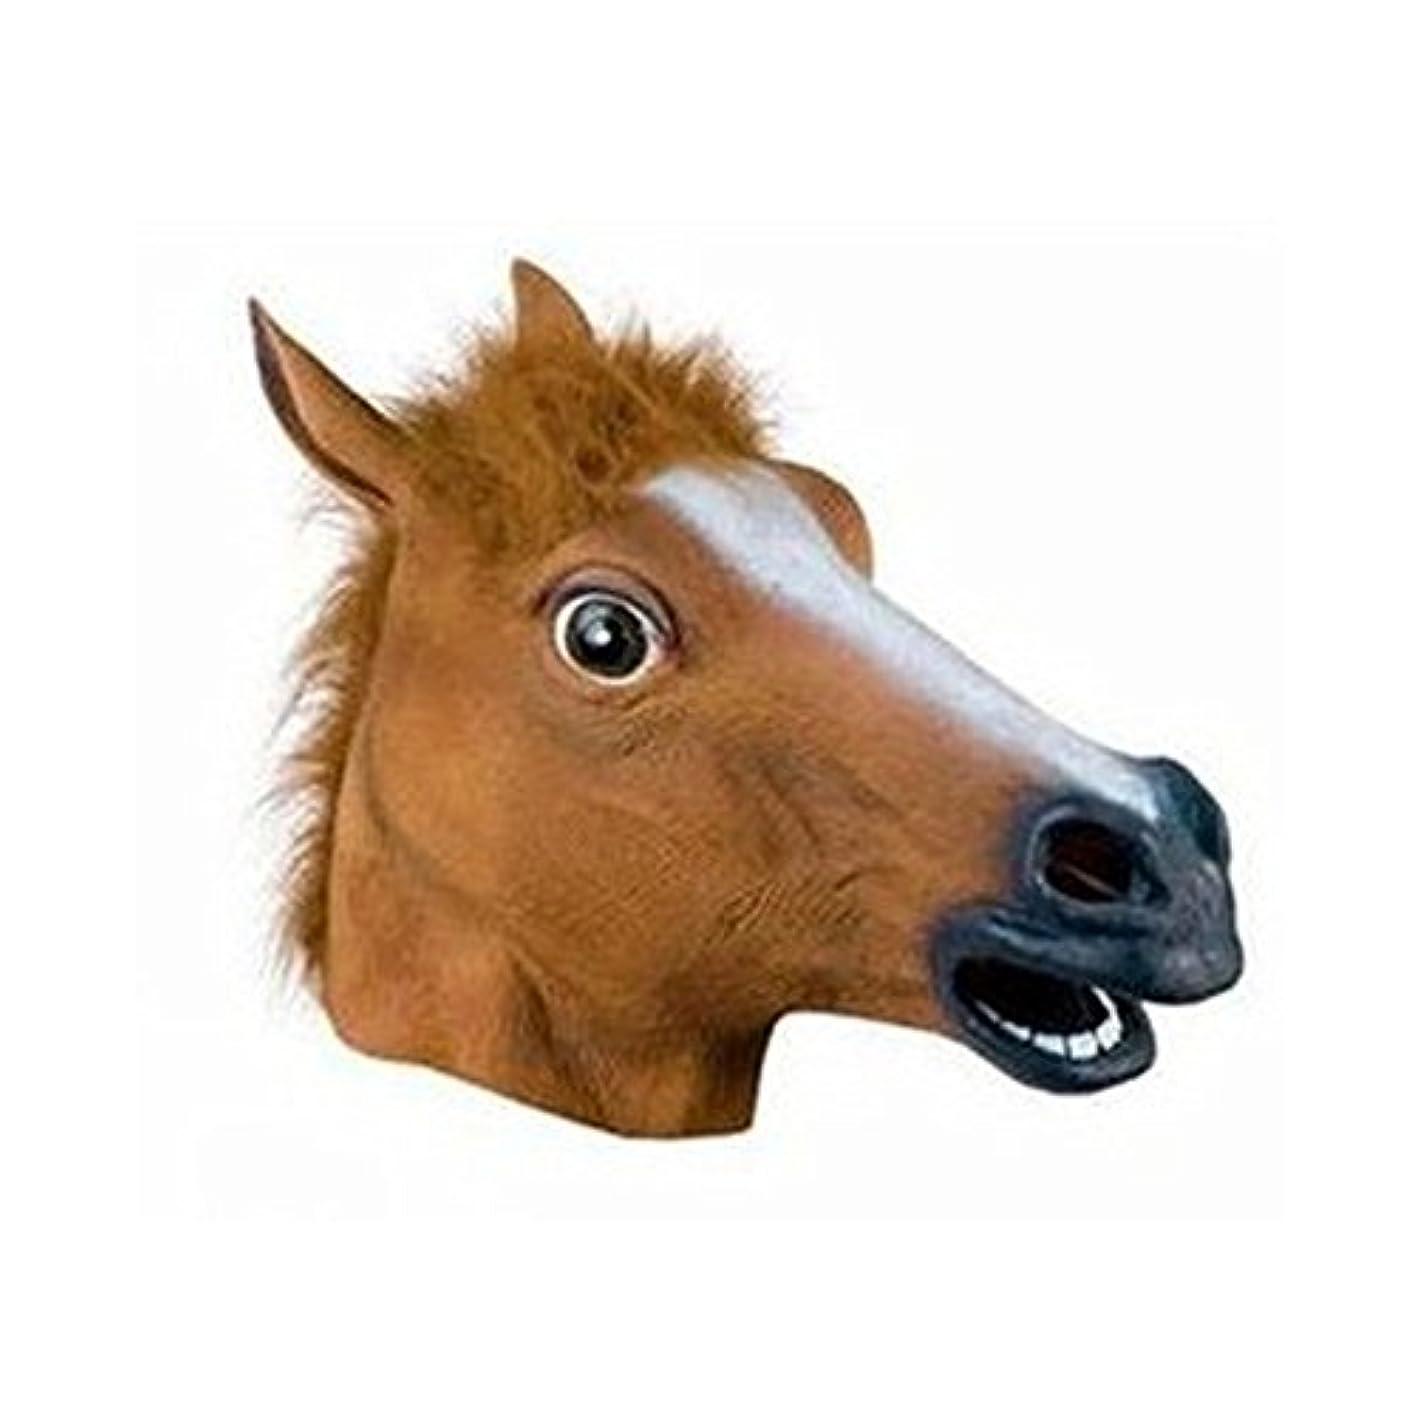 お手入れアカウント安全でない犬の馬6月ハロウィーン動物のヘッドギアCOSマスク馬のヘッドマスク